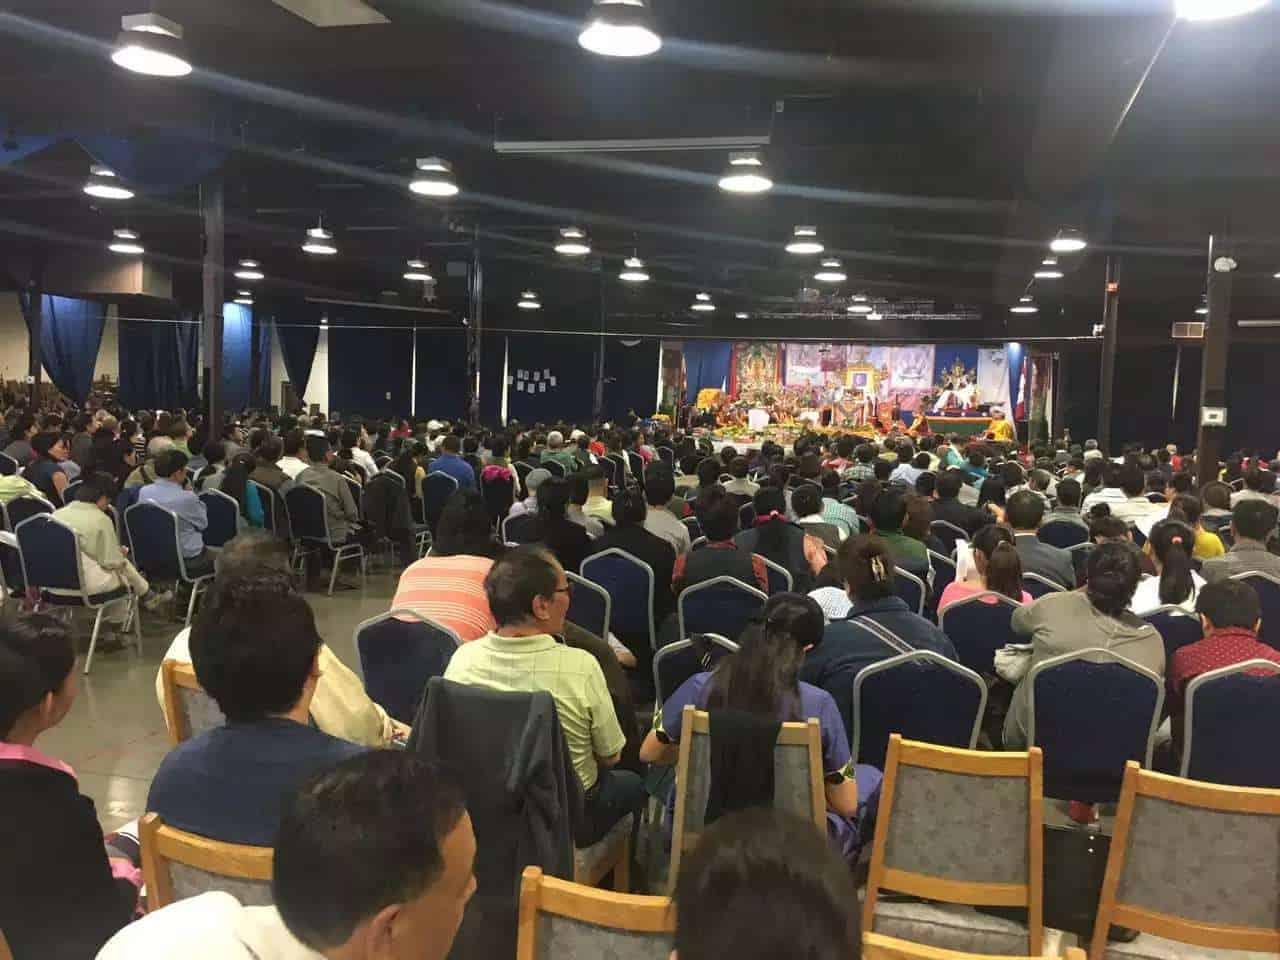 gosok-rinpoche-toronto-2016-2146b2ba64a4ea6c9788c6ad9d783a4